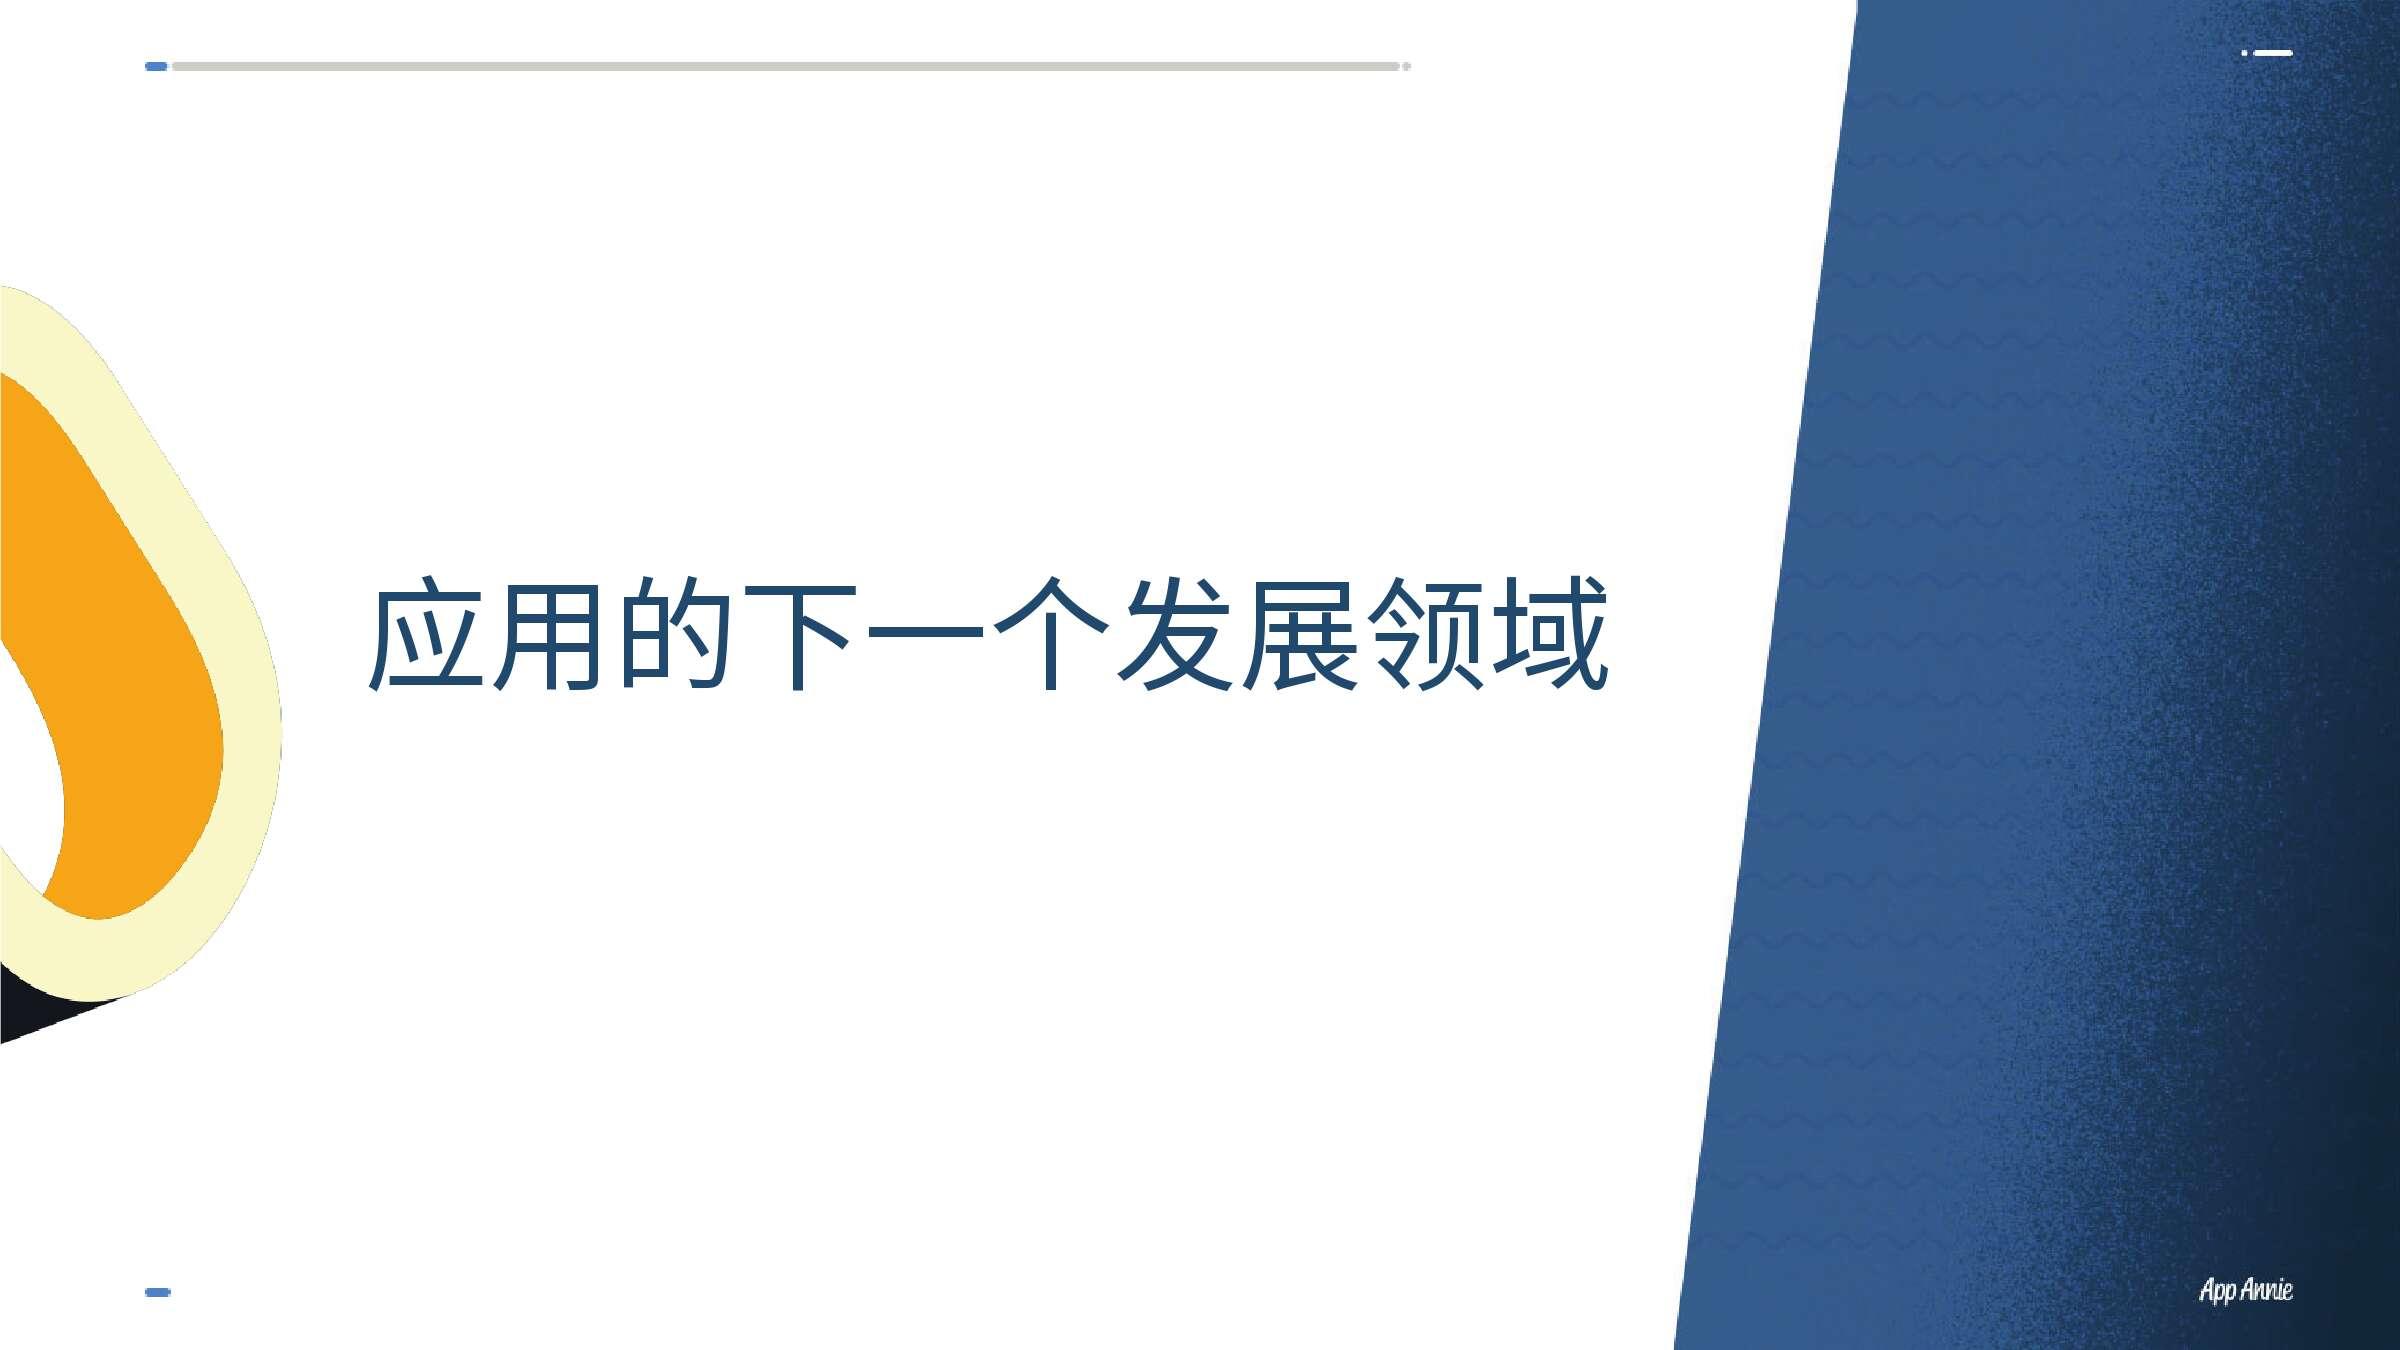 App Annie 全球移动应用市场 2015 年回顾_000034